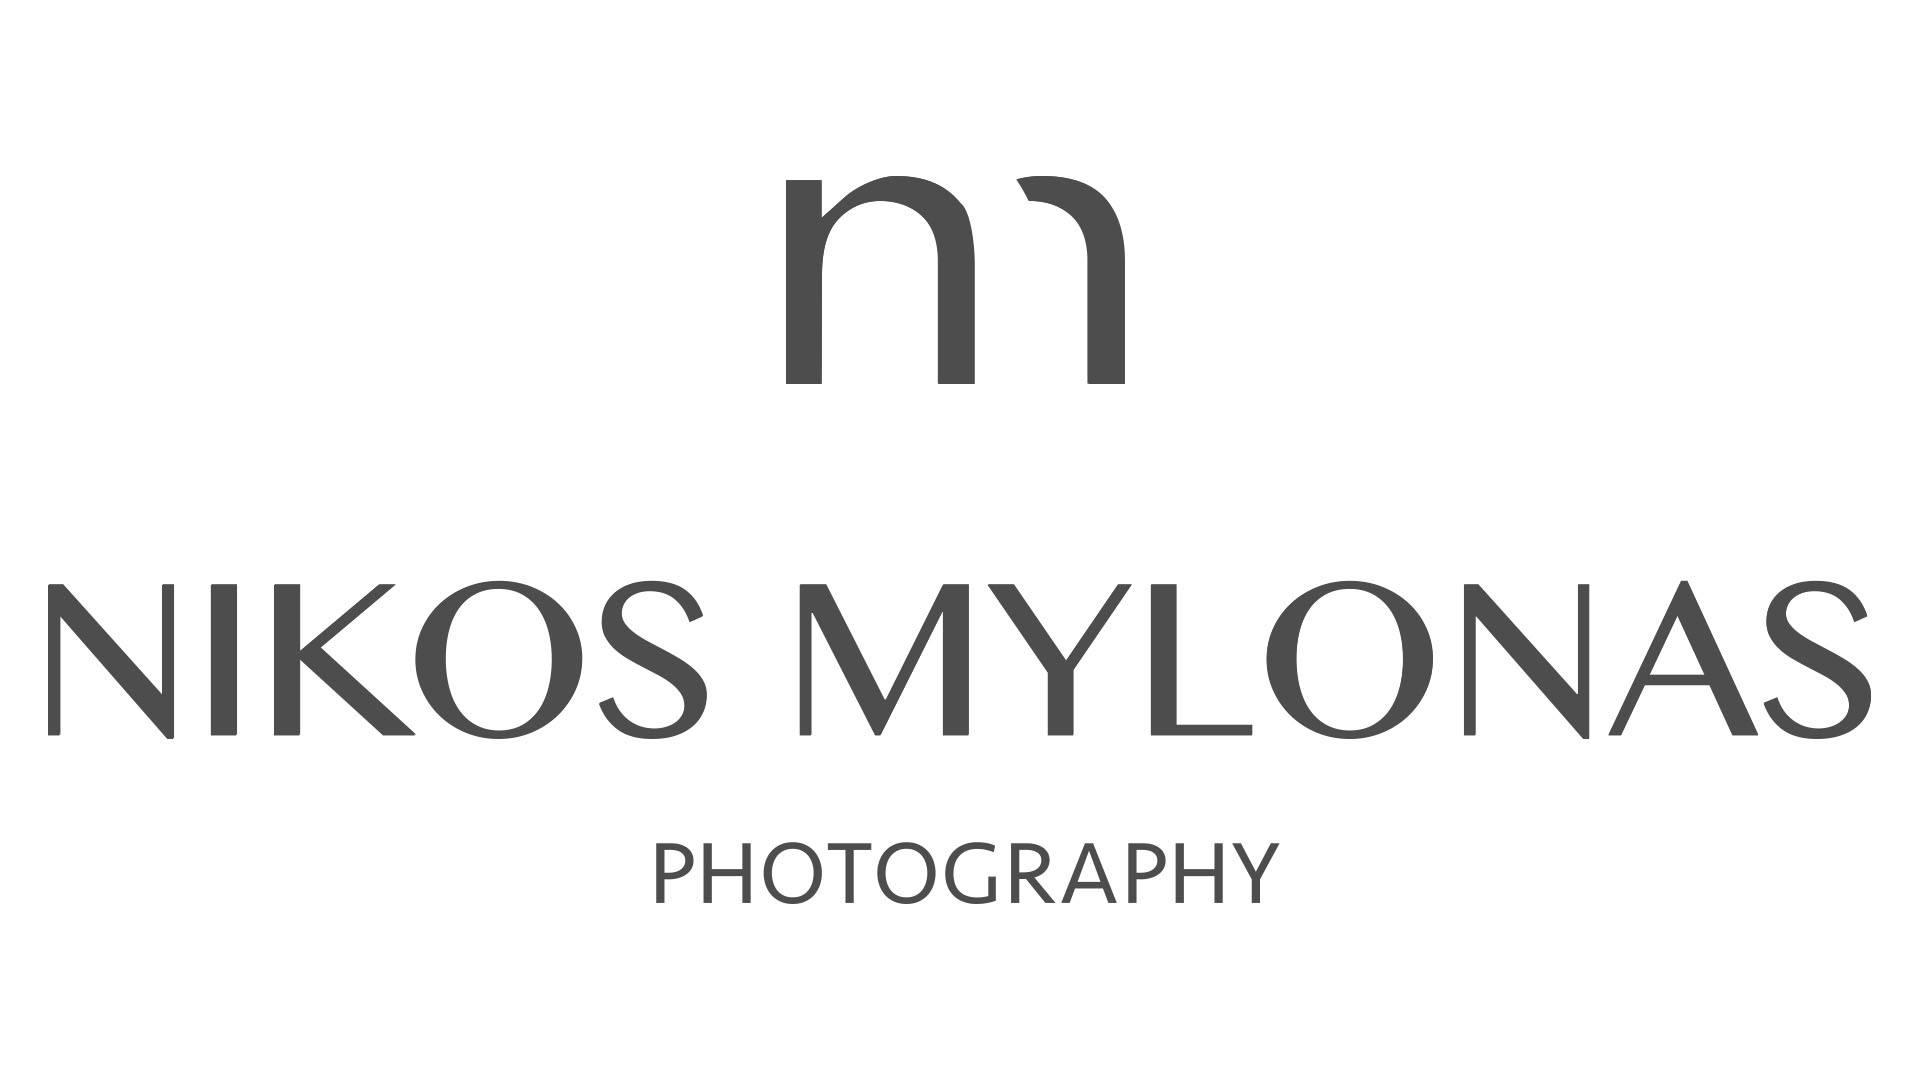 Nikos Mylonas φωτογράφος γάμου λογότυπο